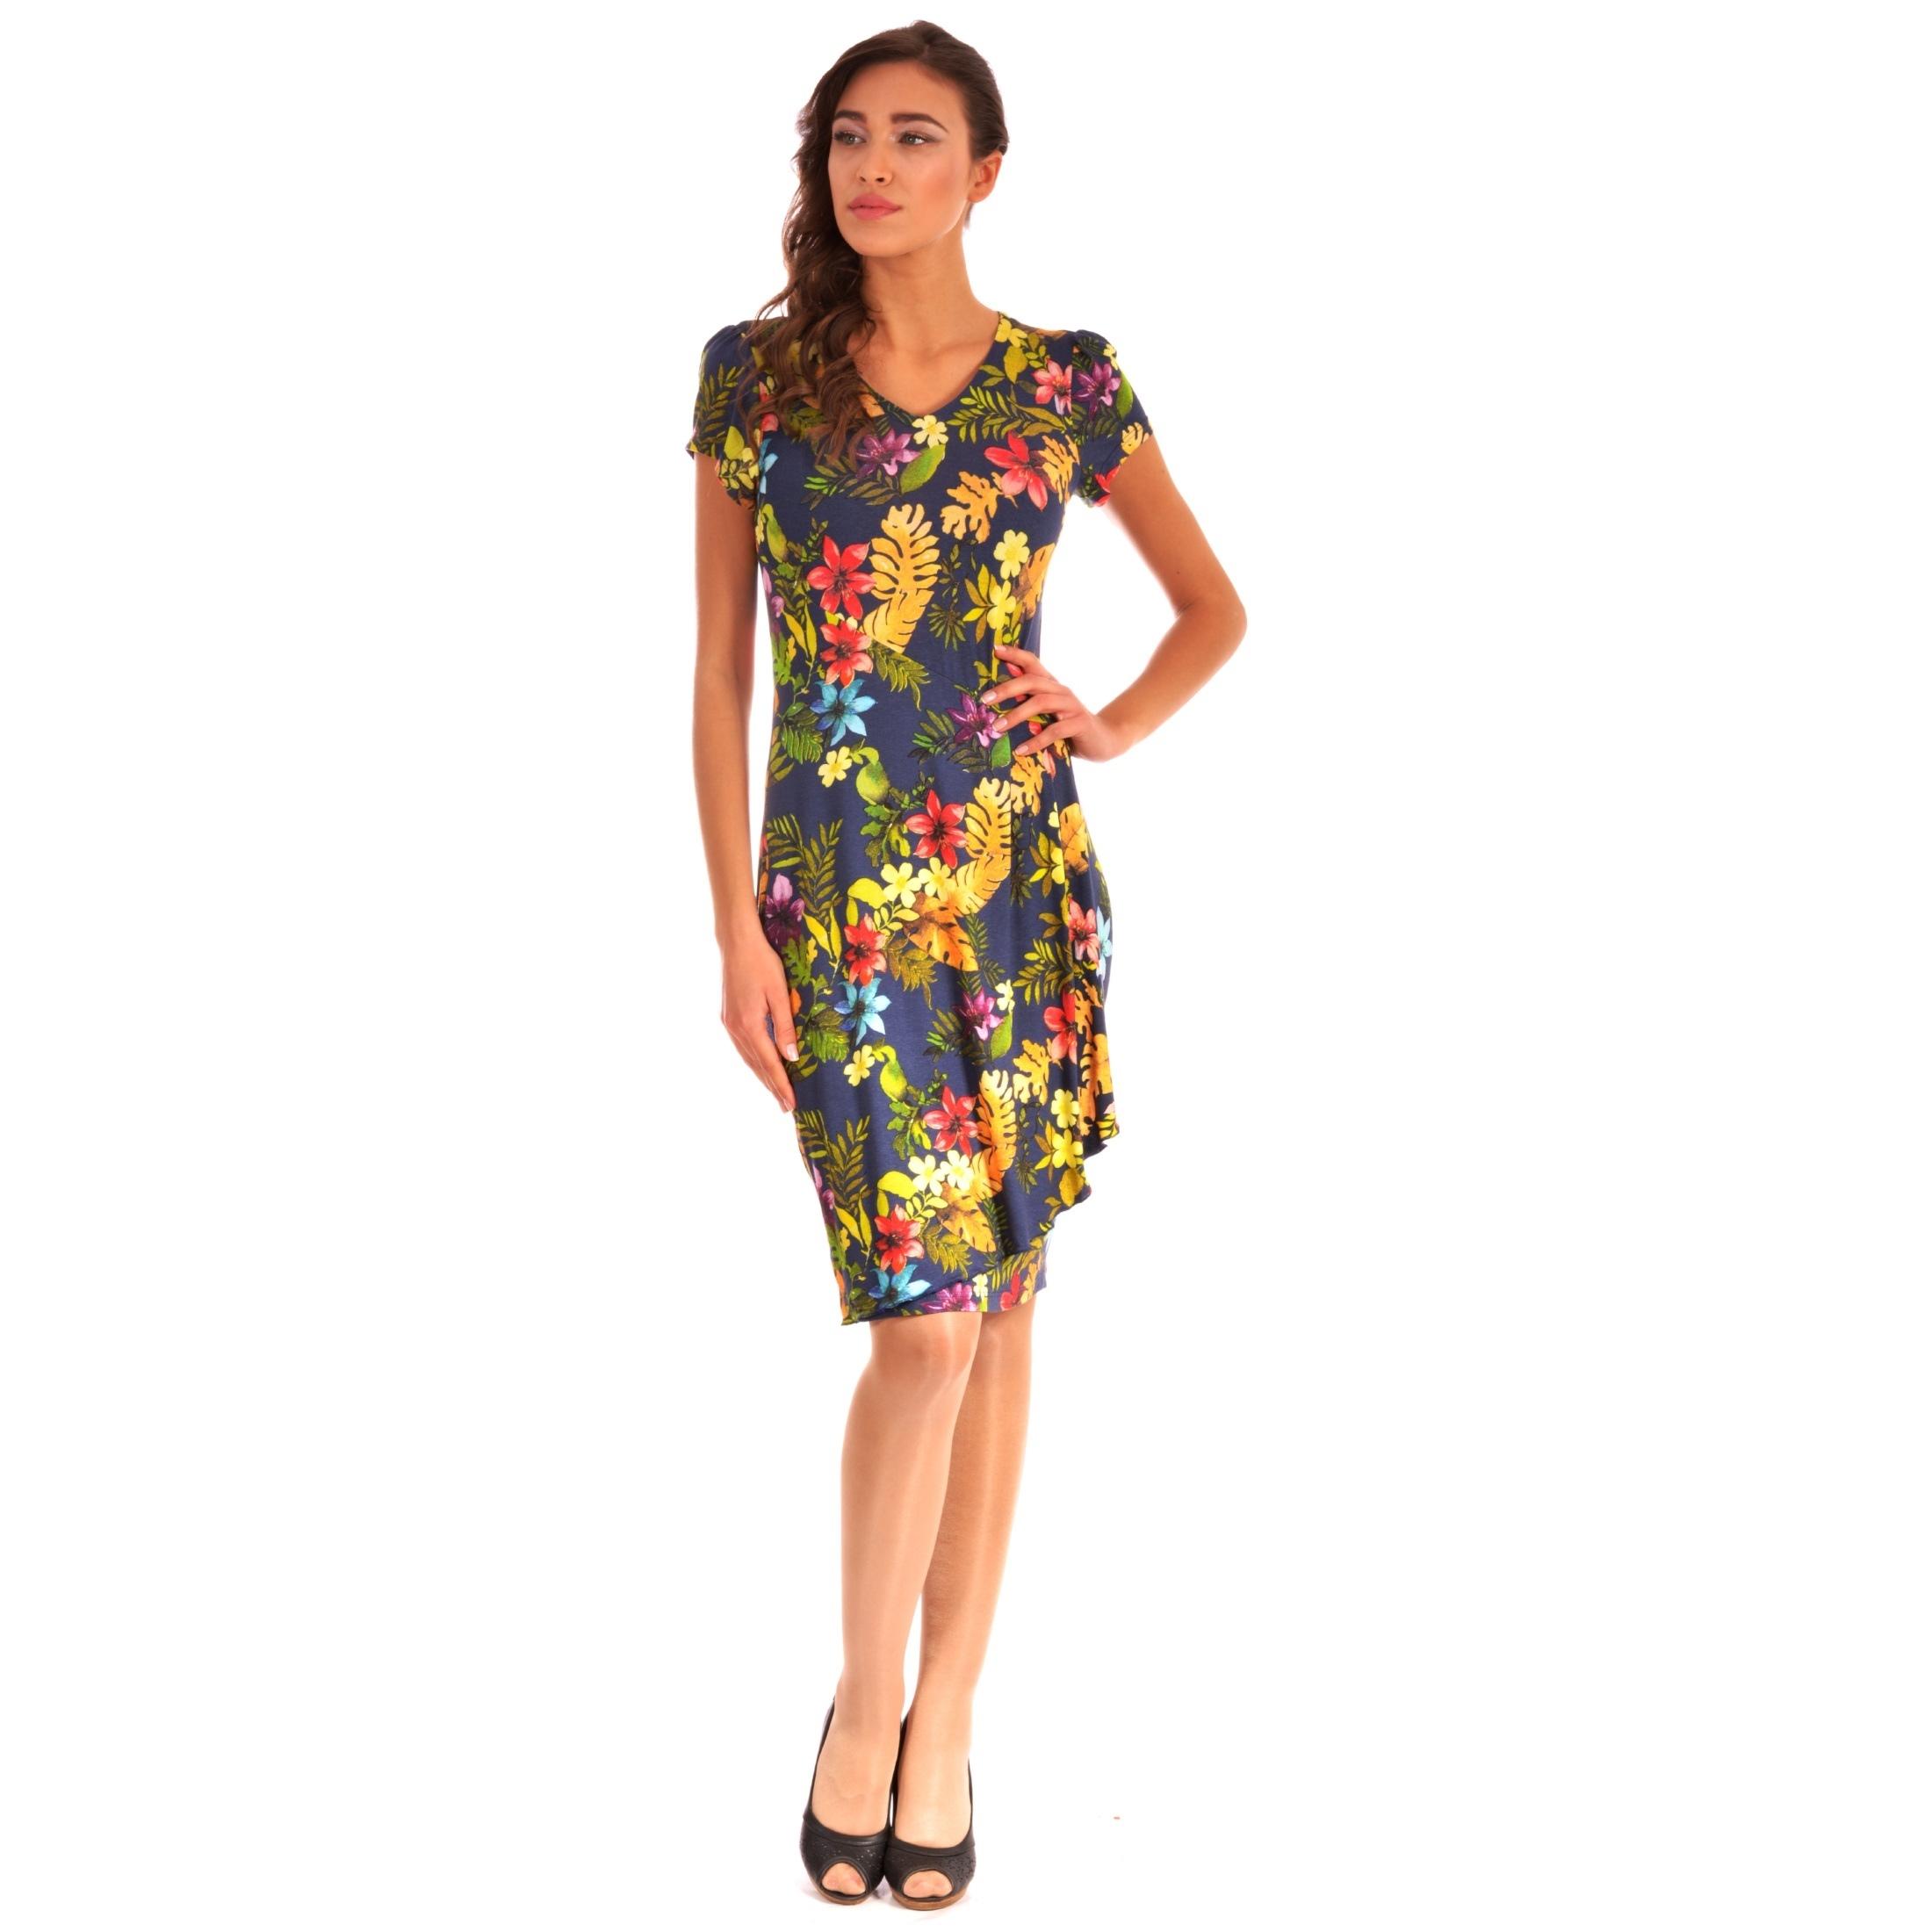 women's flowered dress lady m for spring-summer, lady m haljina sa cvijetovima za proljeće-ljeto